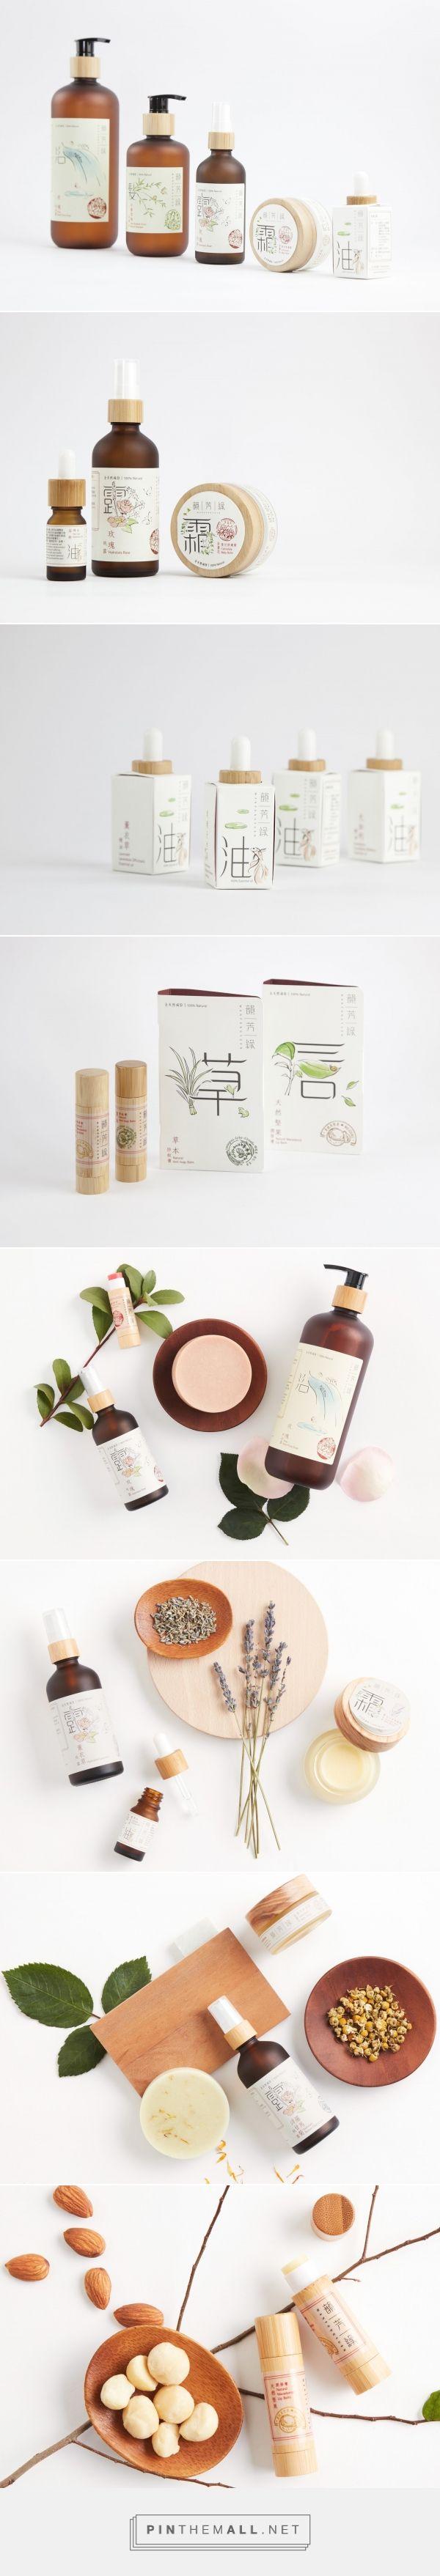 Wan Fong Yuen skincare packaging design by Box Brand Design - http://www.packagingoftheworld.com/2017/04/wan-fong-yuen.html